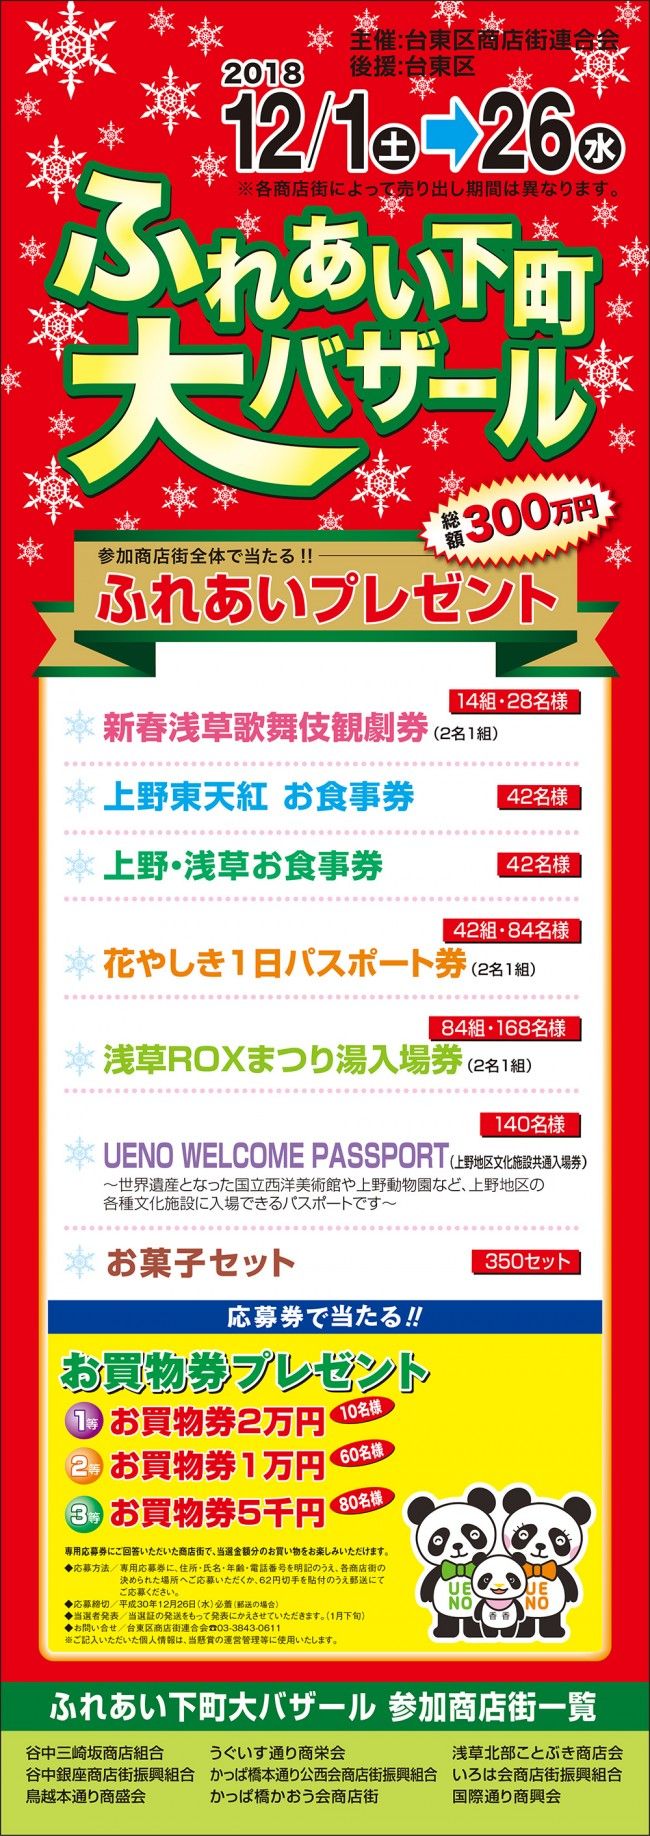 2018年度「ふれあい下町大バザール(歳末期)」開催!! 2018.12.1~12.26